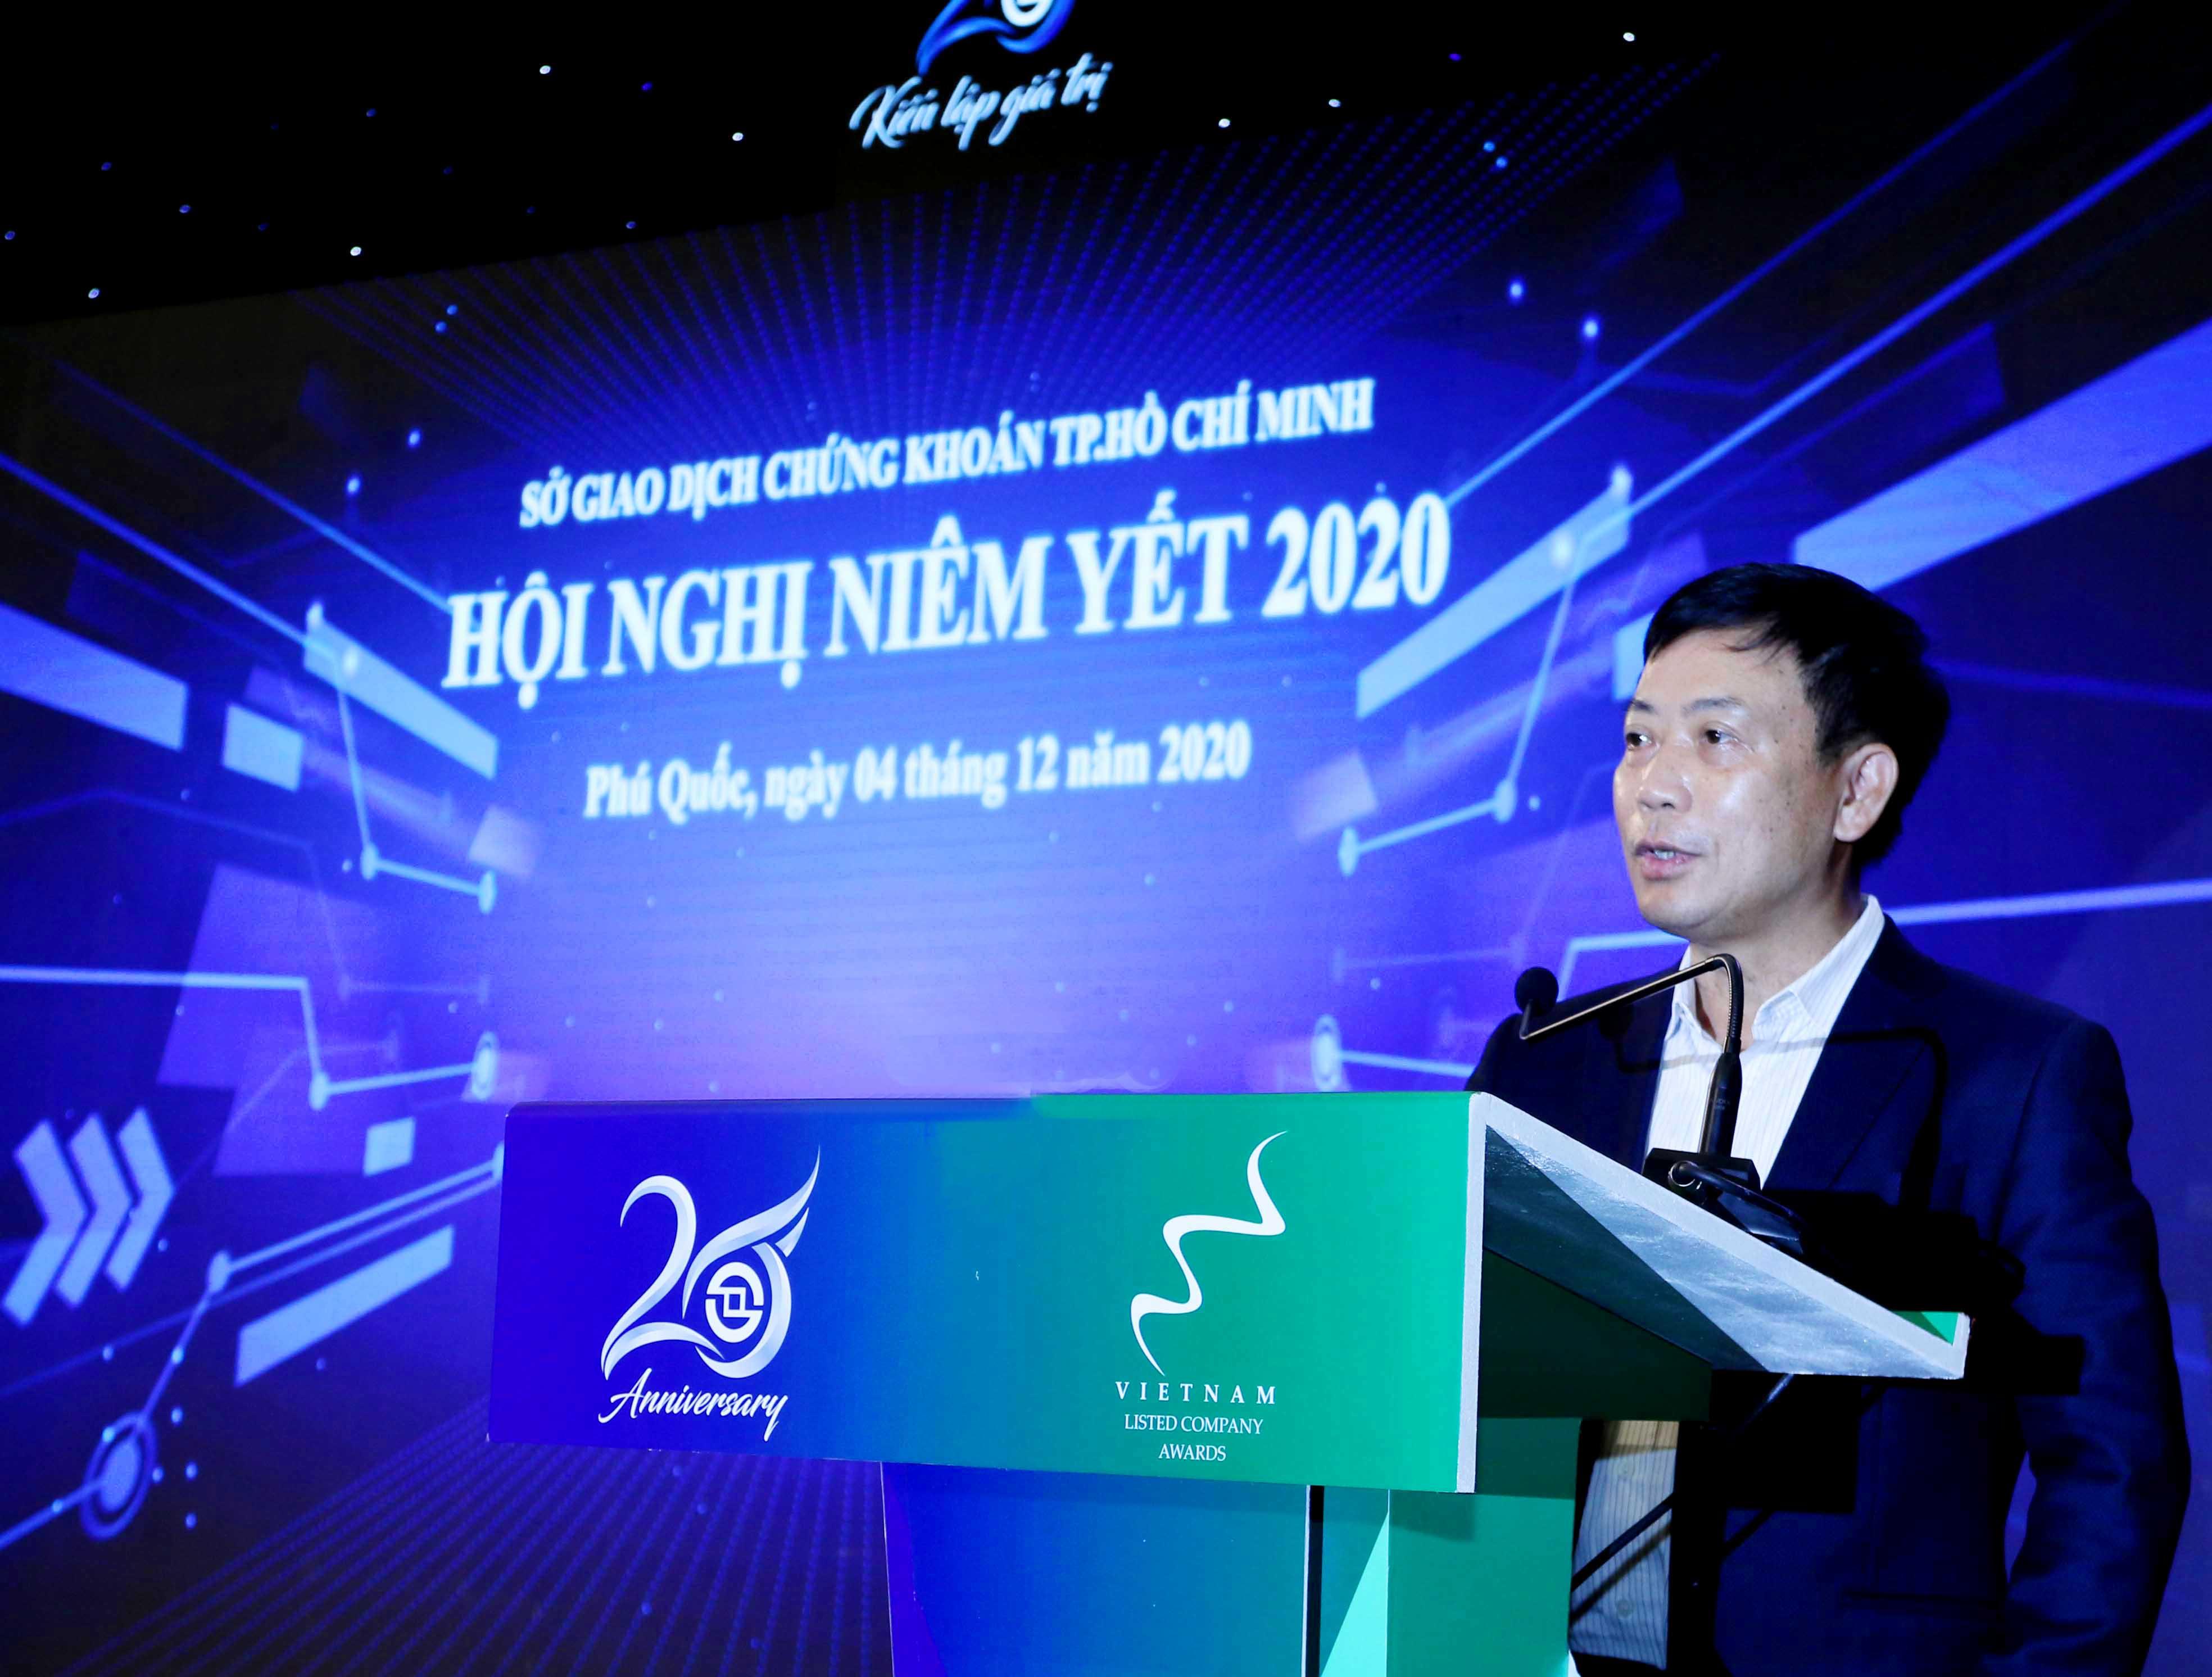 https://www.aravietnam.vn/wp-content/uploads/2020/12/8_Ông-Trần-Văn-Dũng-Chủ-tịch-Ủy-ban-Chứng-khoán-Nhà-nước-phát-biểu-chỉ-dạo-của-Lãnh-dạo-UBCKNN..jpg